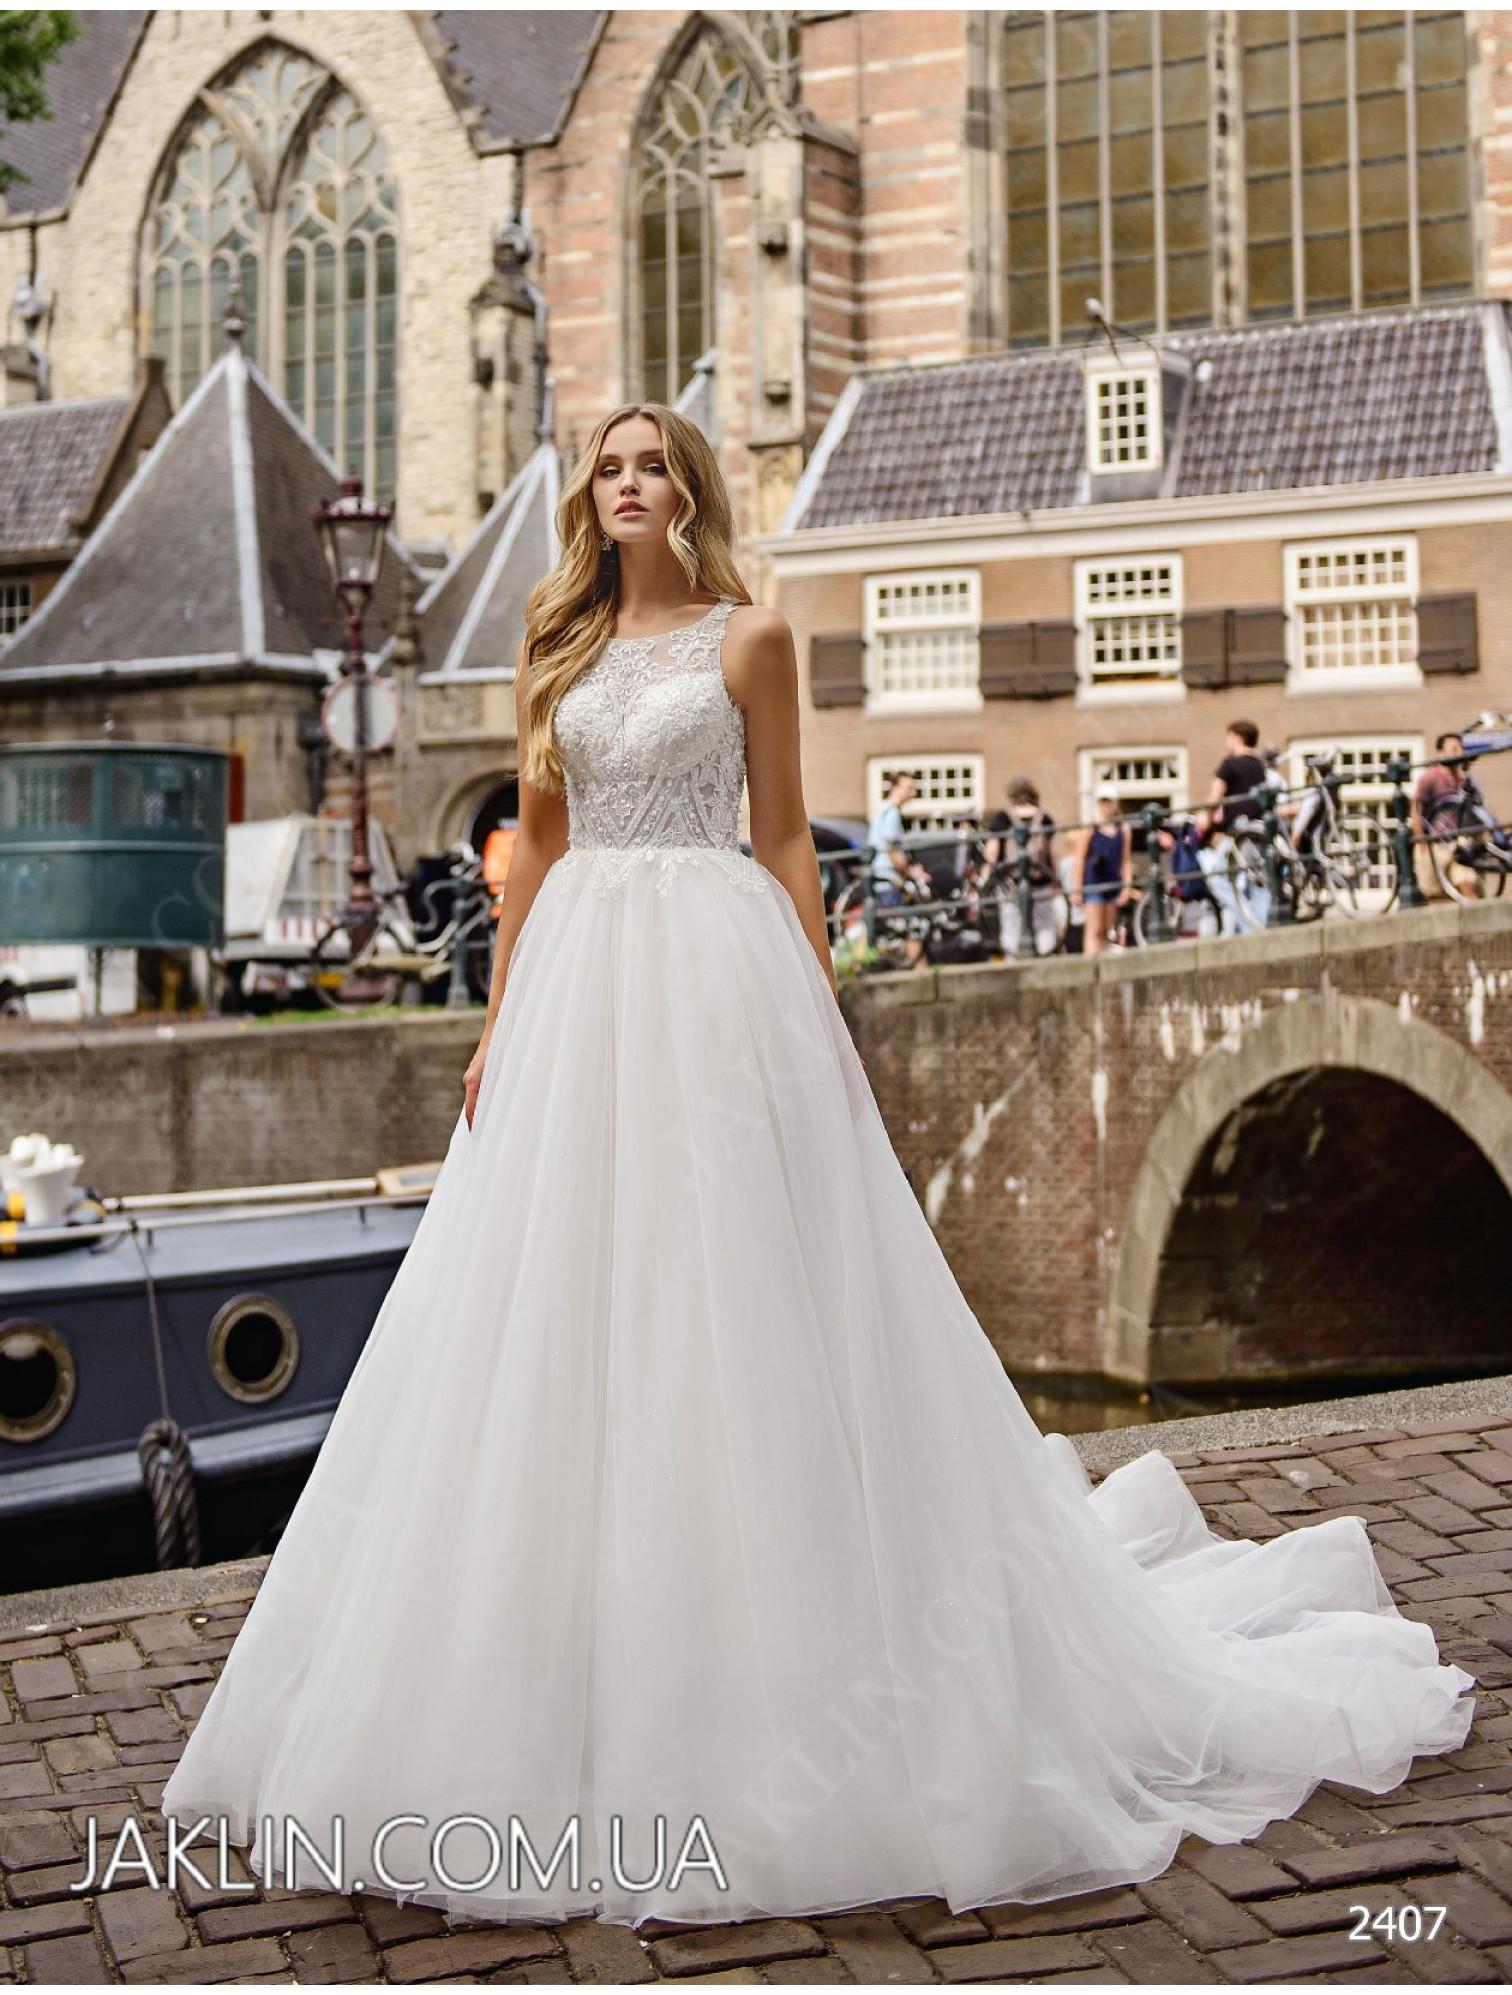 Весільна сукня 2407